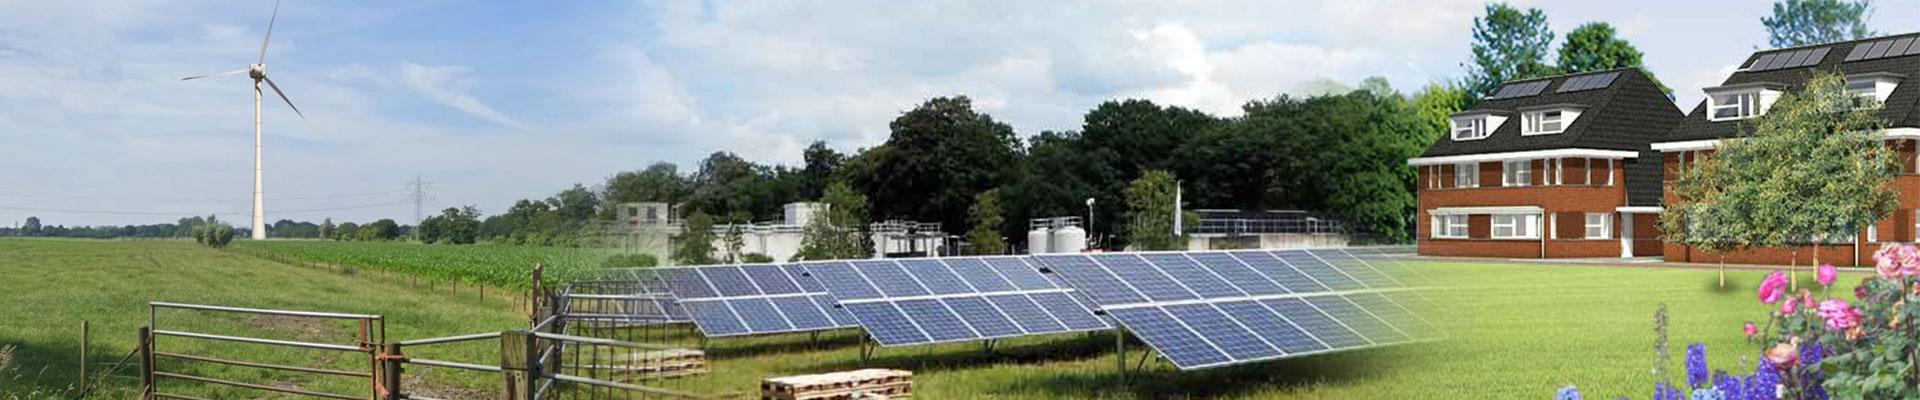 Bewonersparticipatie wind-/zonne-energie en woningbouw